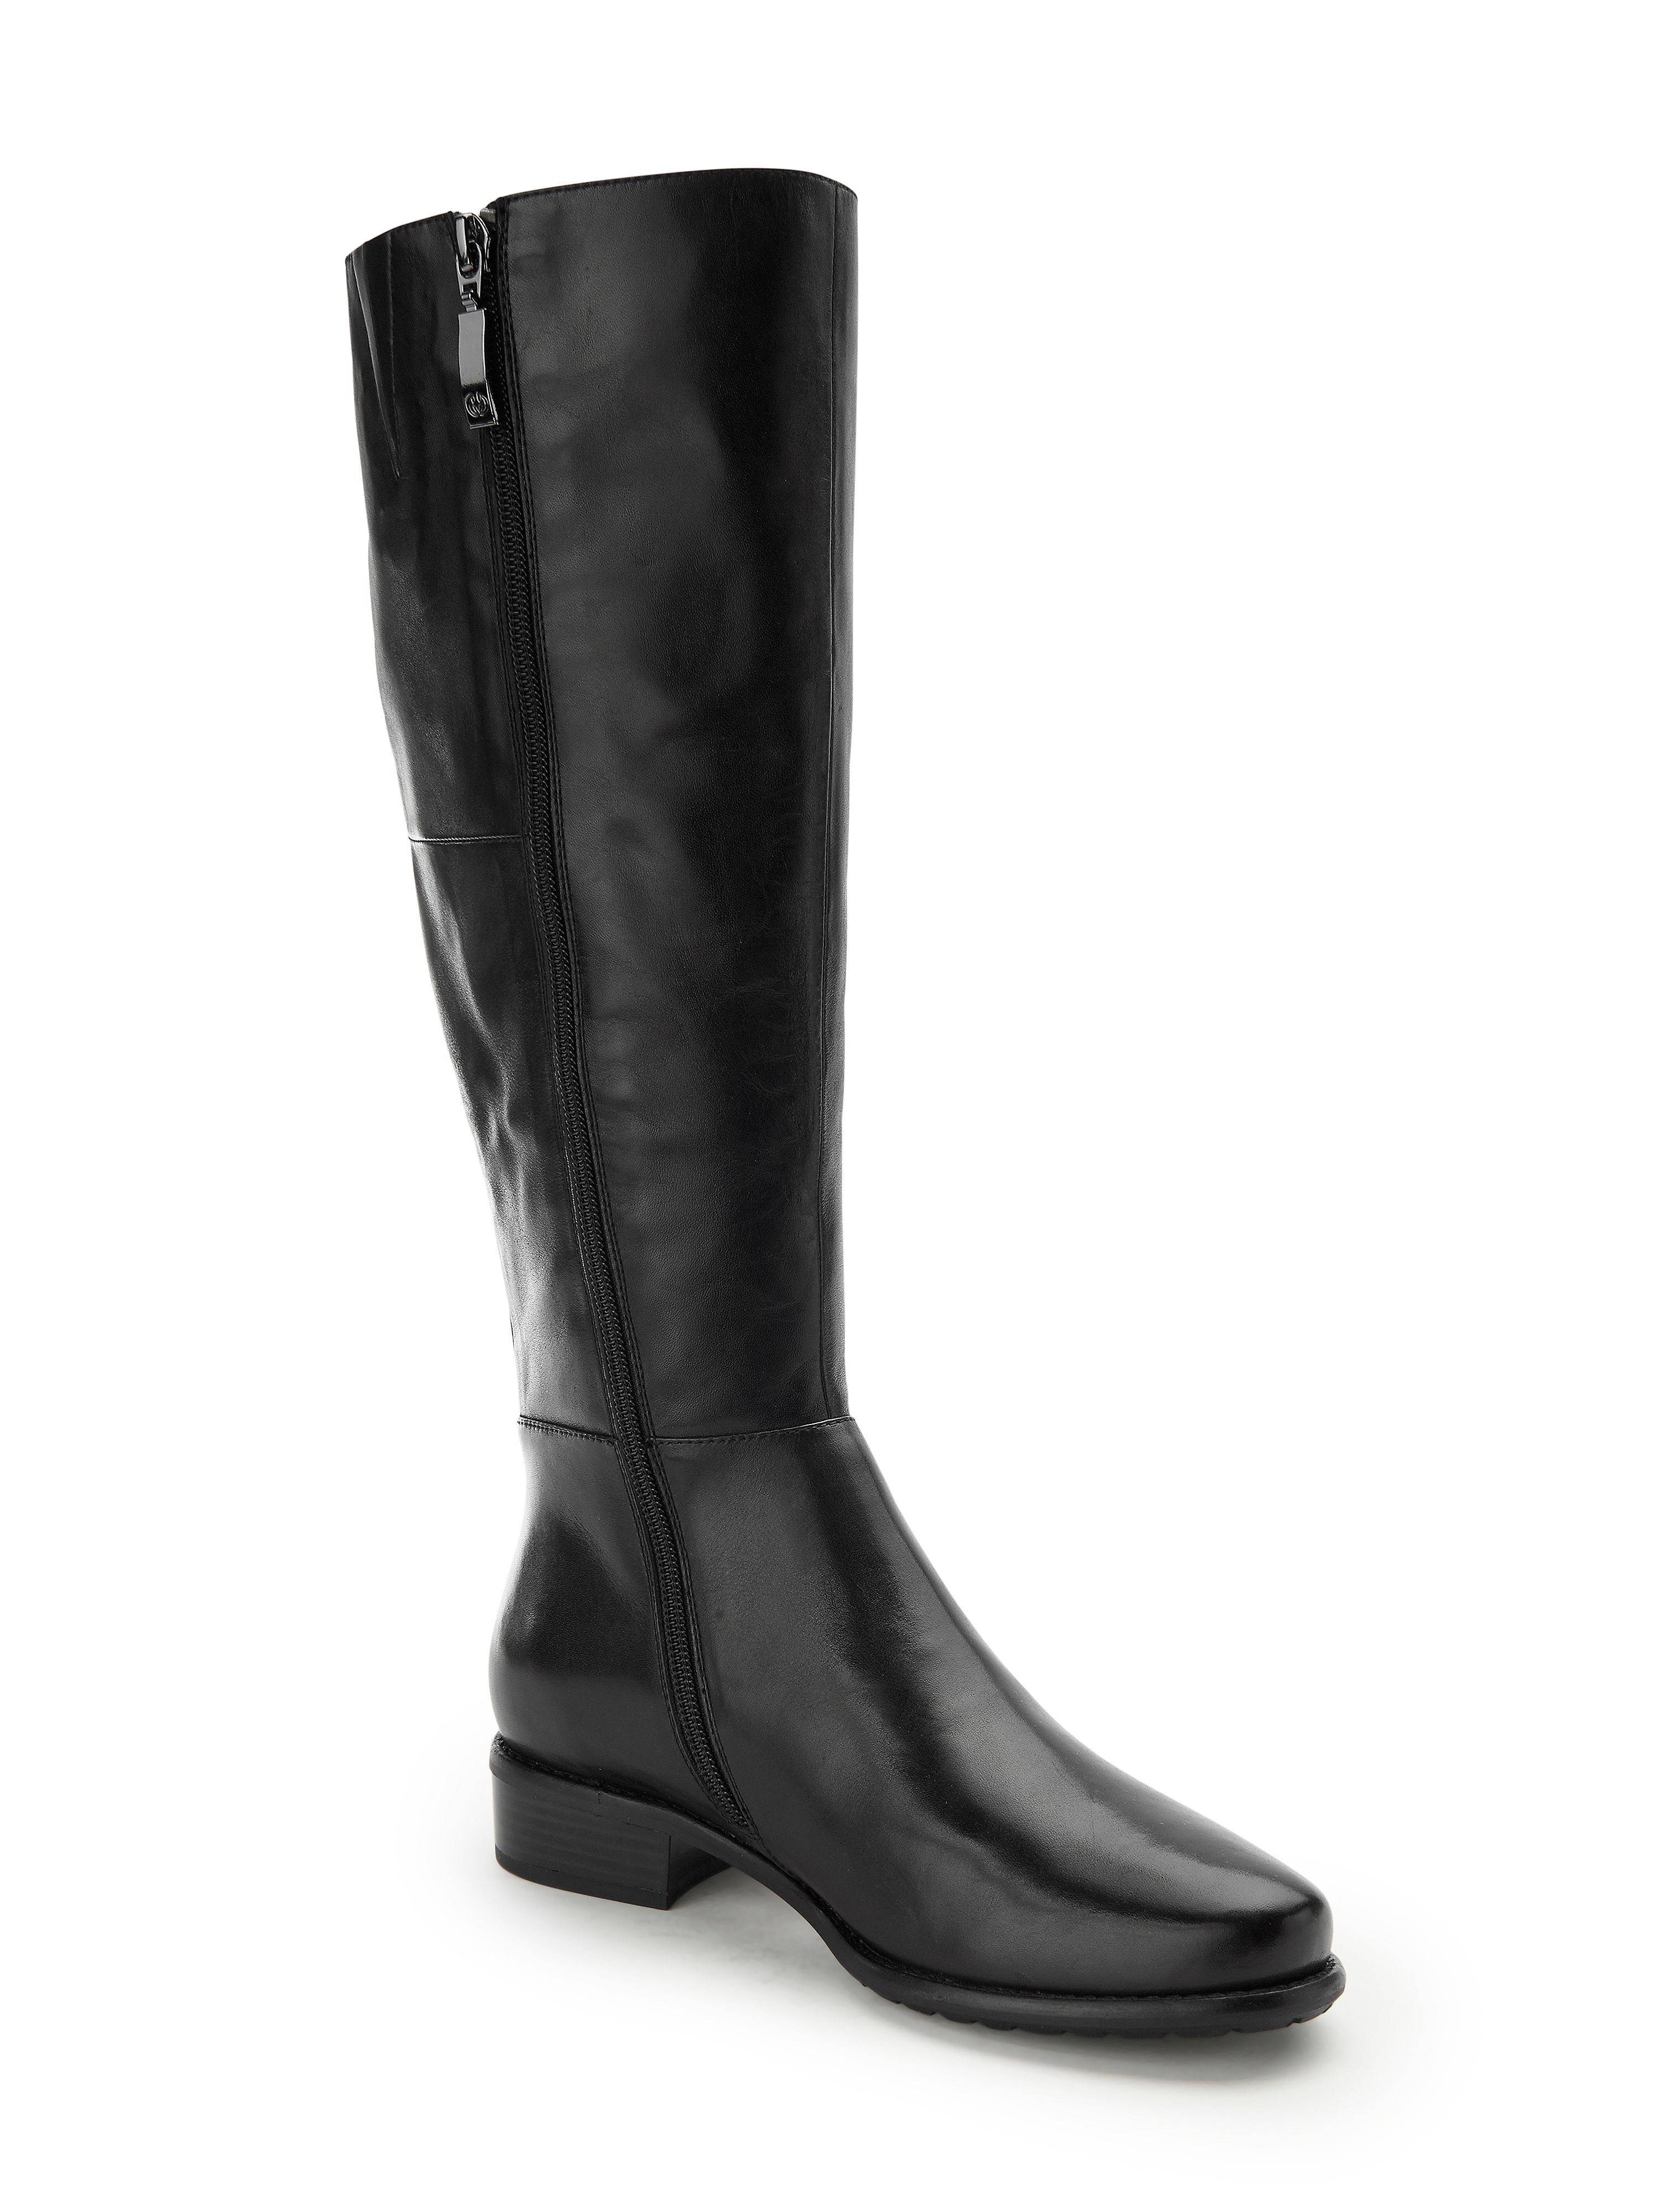 d37d871cea7be7 Gerry Weber - Langschaft-Stiefel mit variabler Schaftweite beliebte -  Schwarz Gute Qualität beliebte Schaftweite Schuhe 69d654